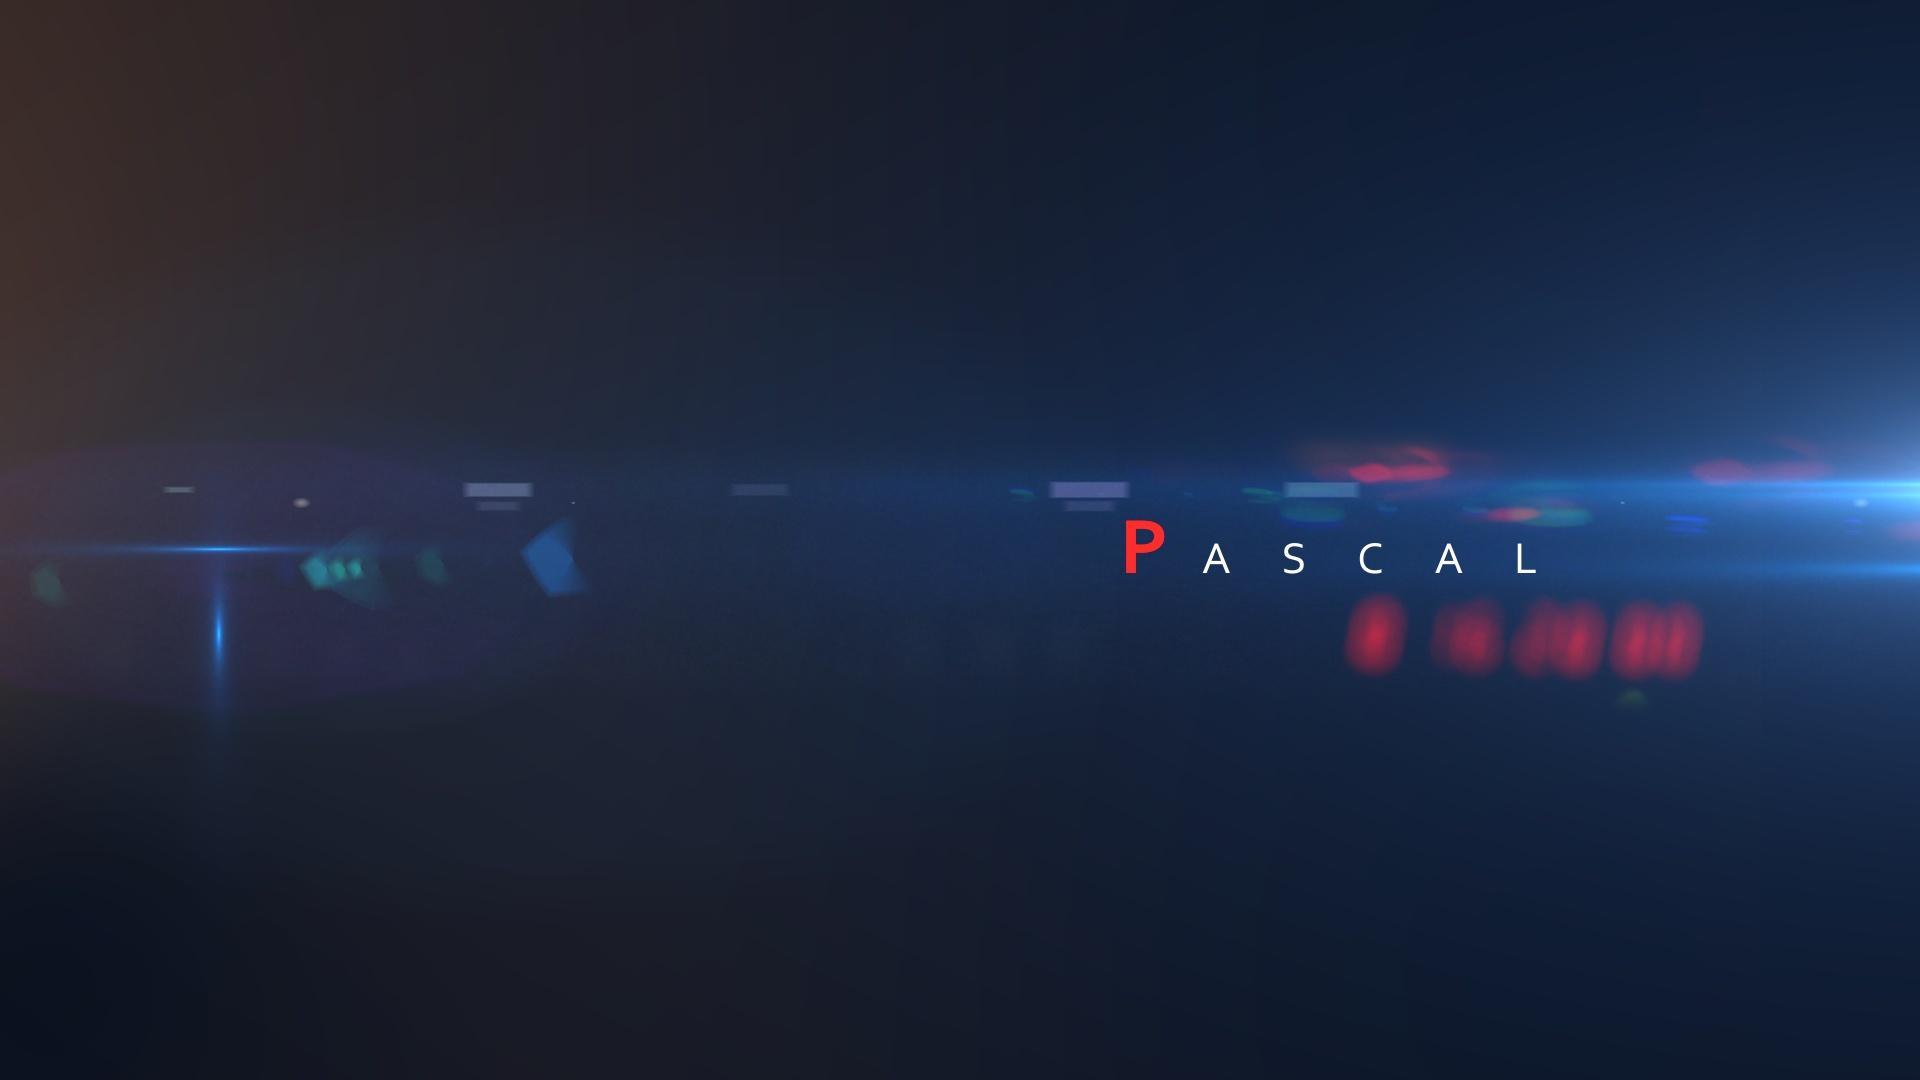 Pascal, gardien de la paix au Commissariat A - policier : découvrir le personnage